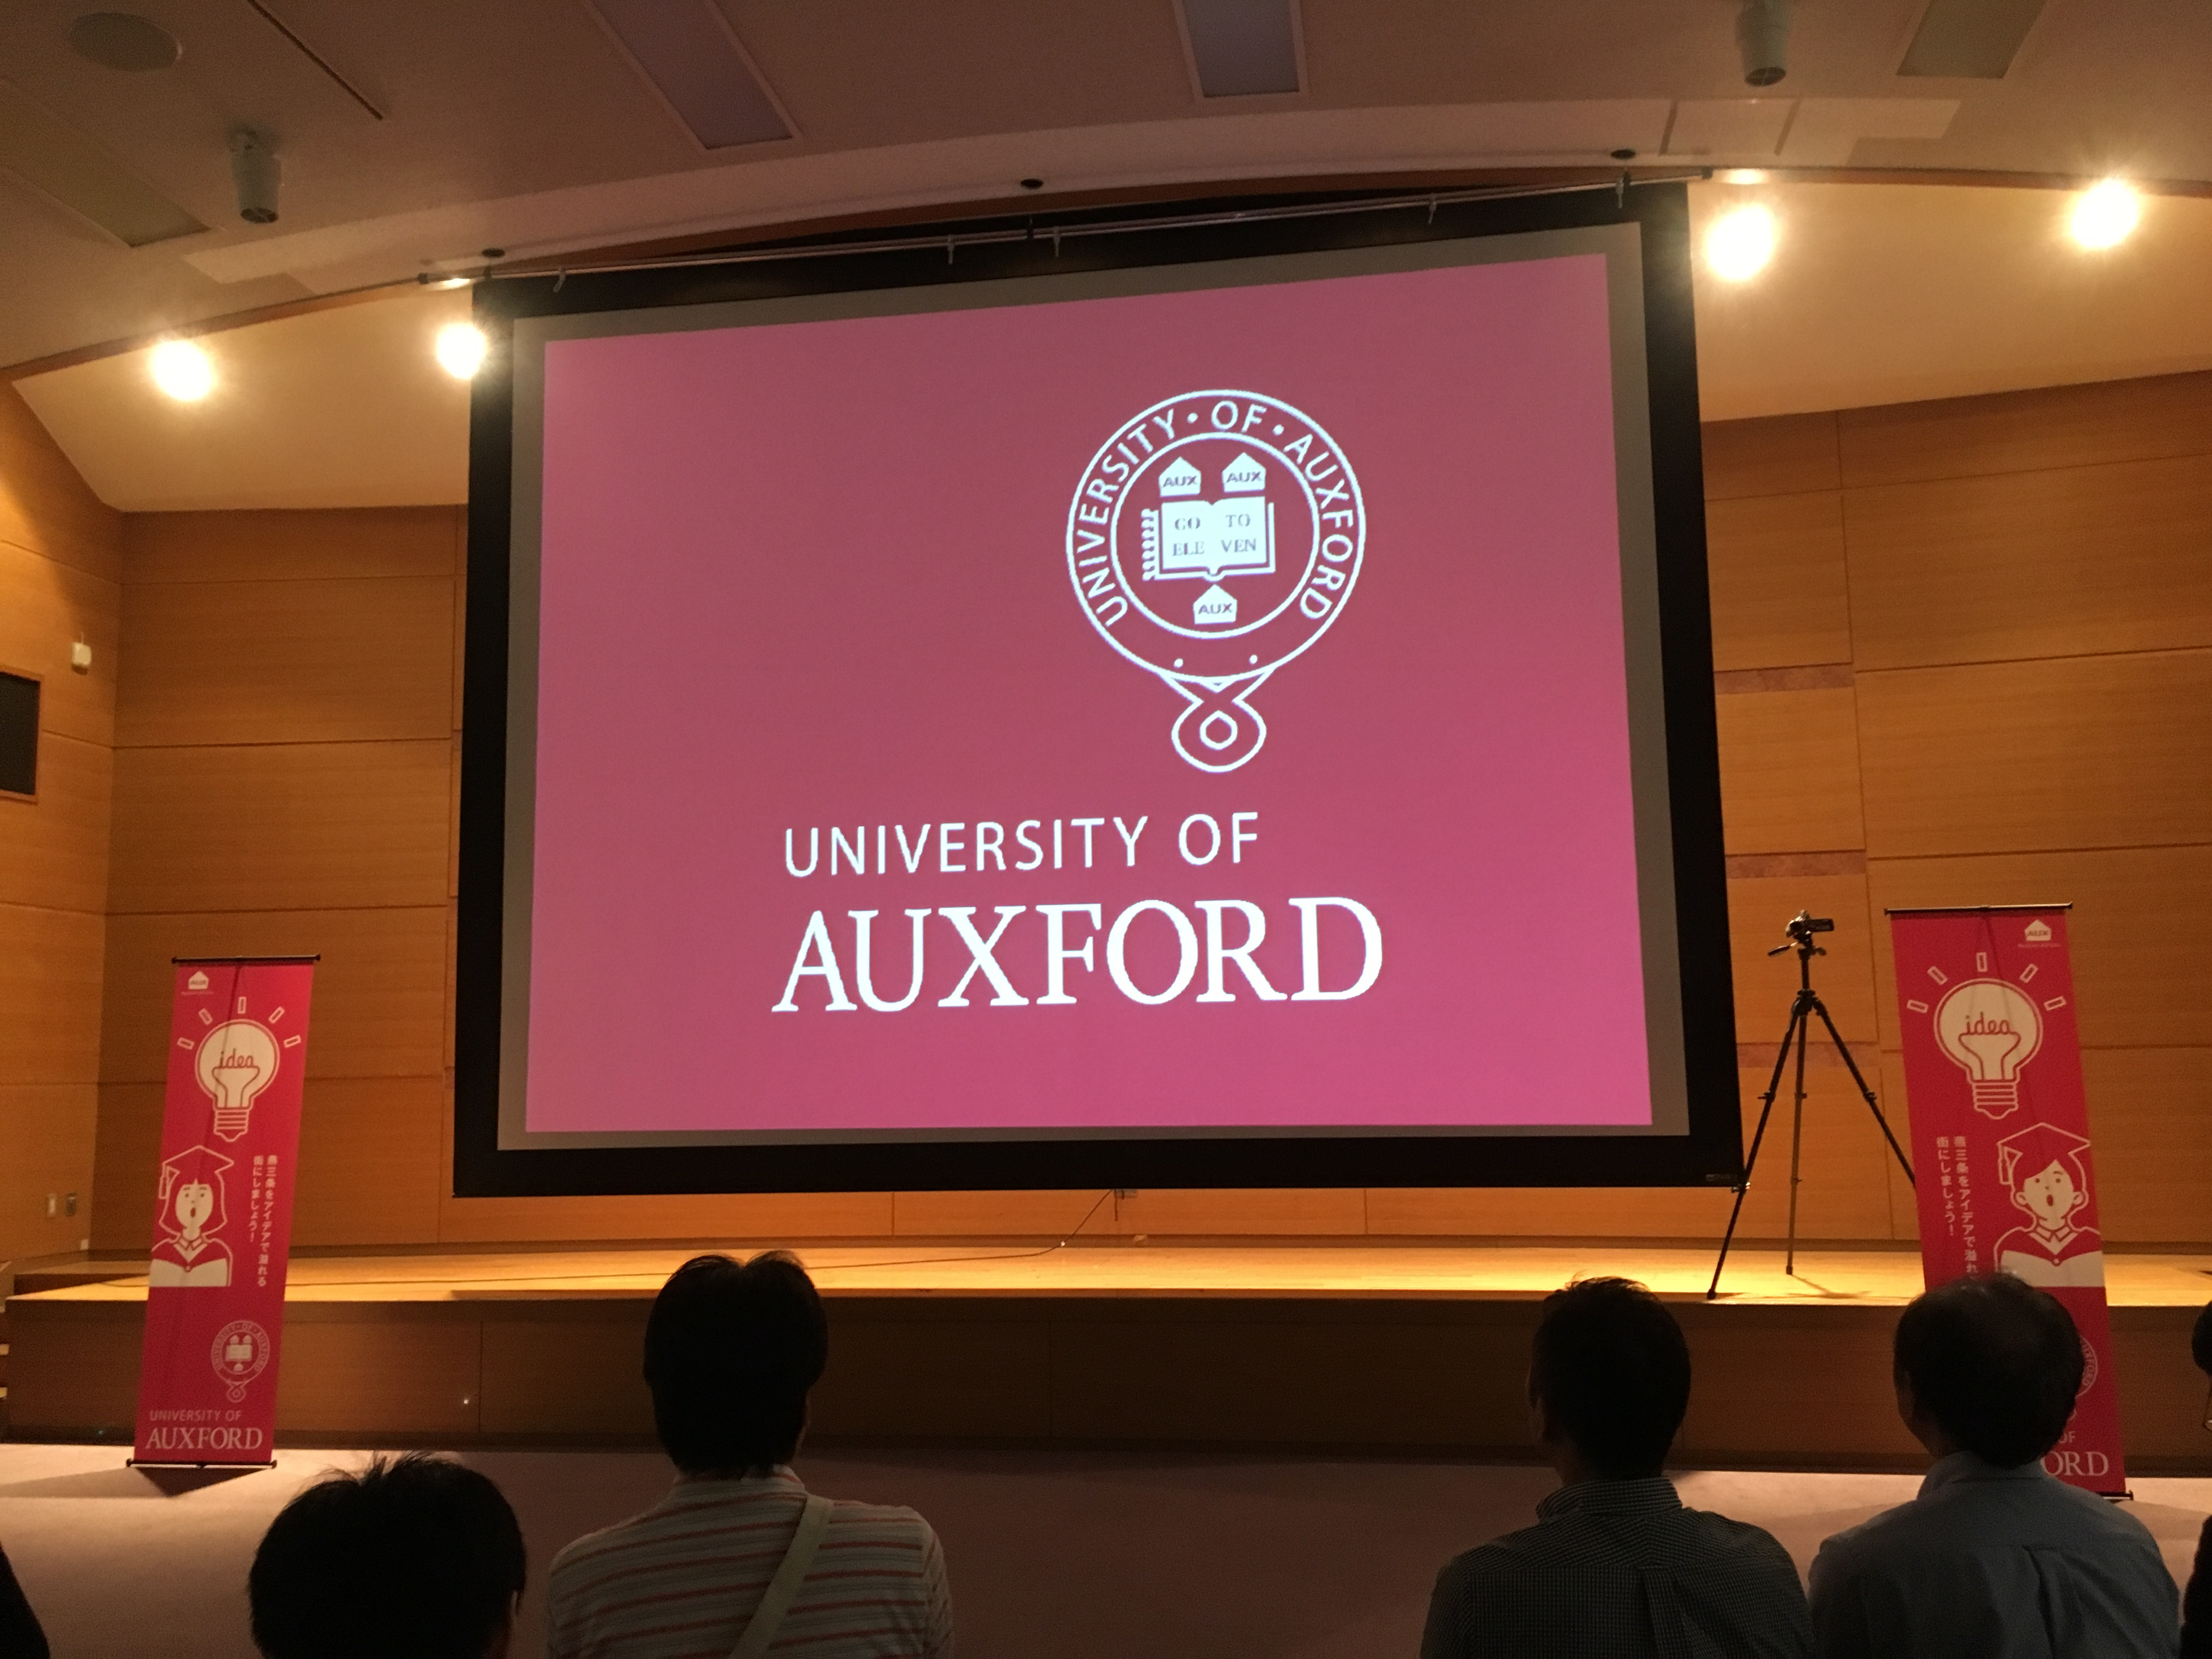 オークスフォード大学へ留学・・・???